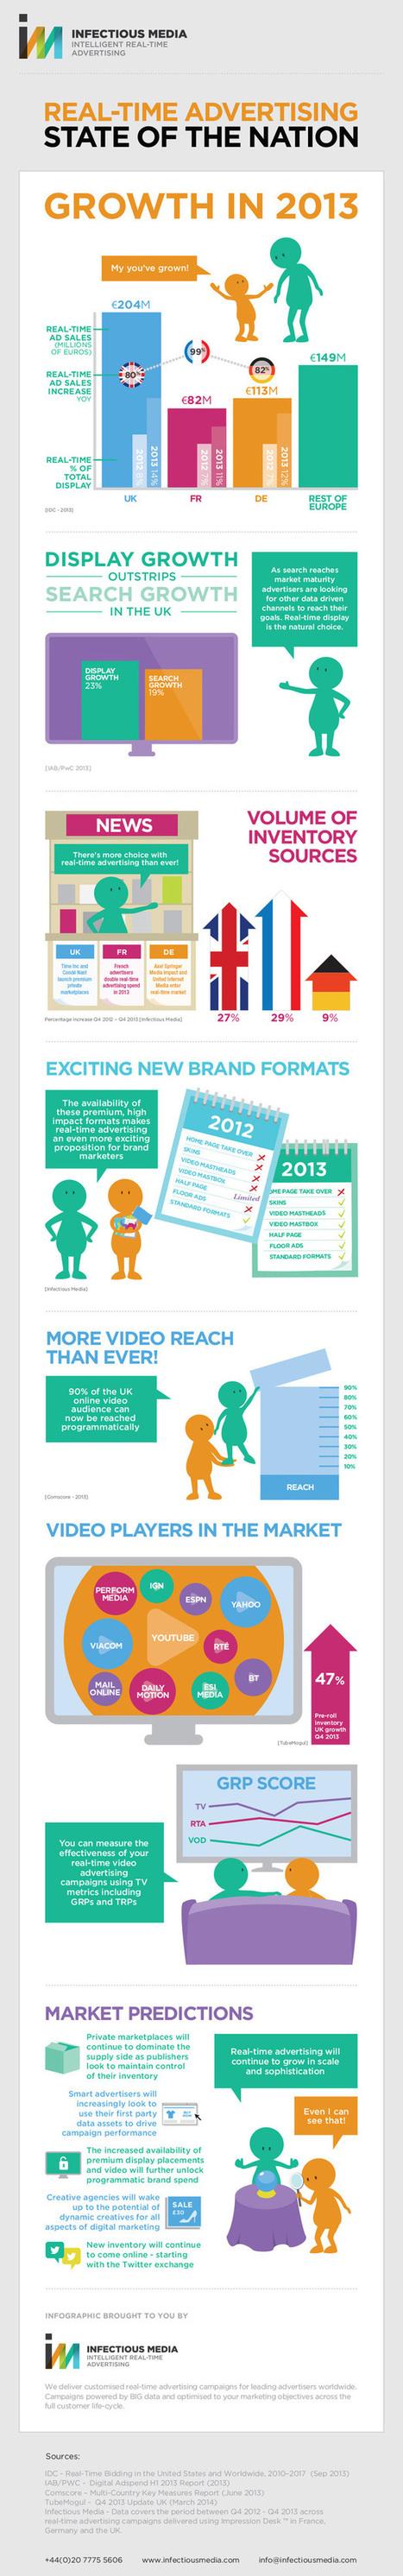 Publicidad en tiempo real #infografia #infographic #marketing | Seo, Social Media Marketing | Scoop.it